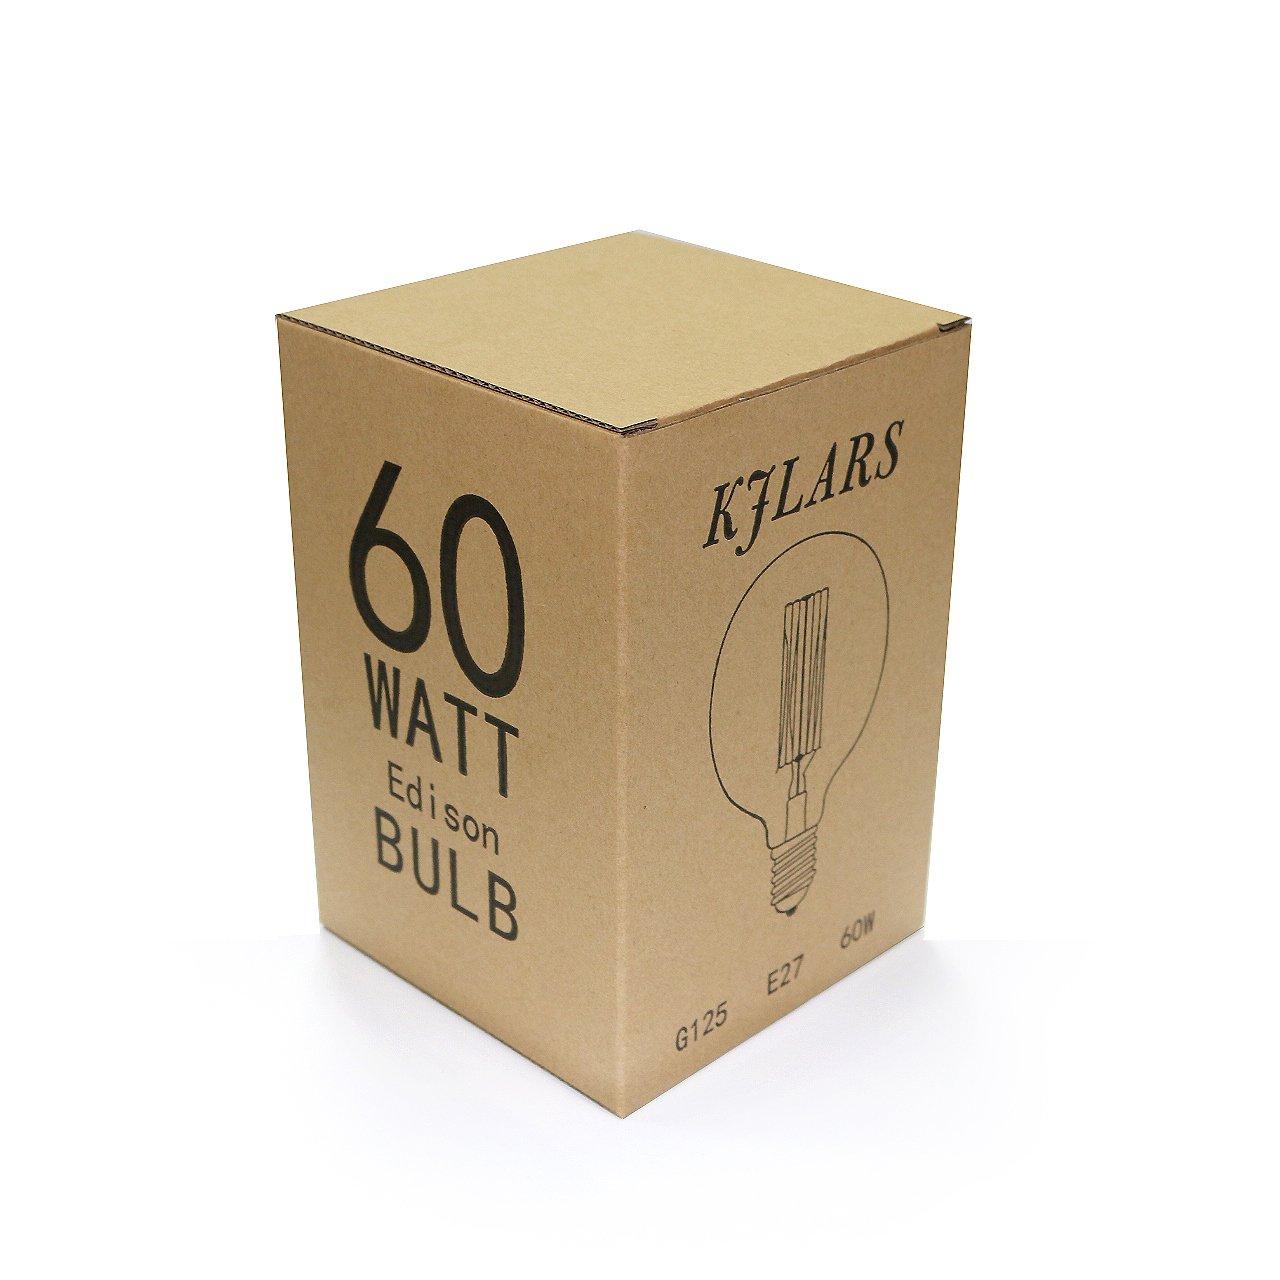 Retro G125 E27 gerader Draht große Glühbirne Edison dekorativen ...